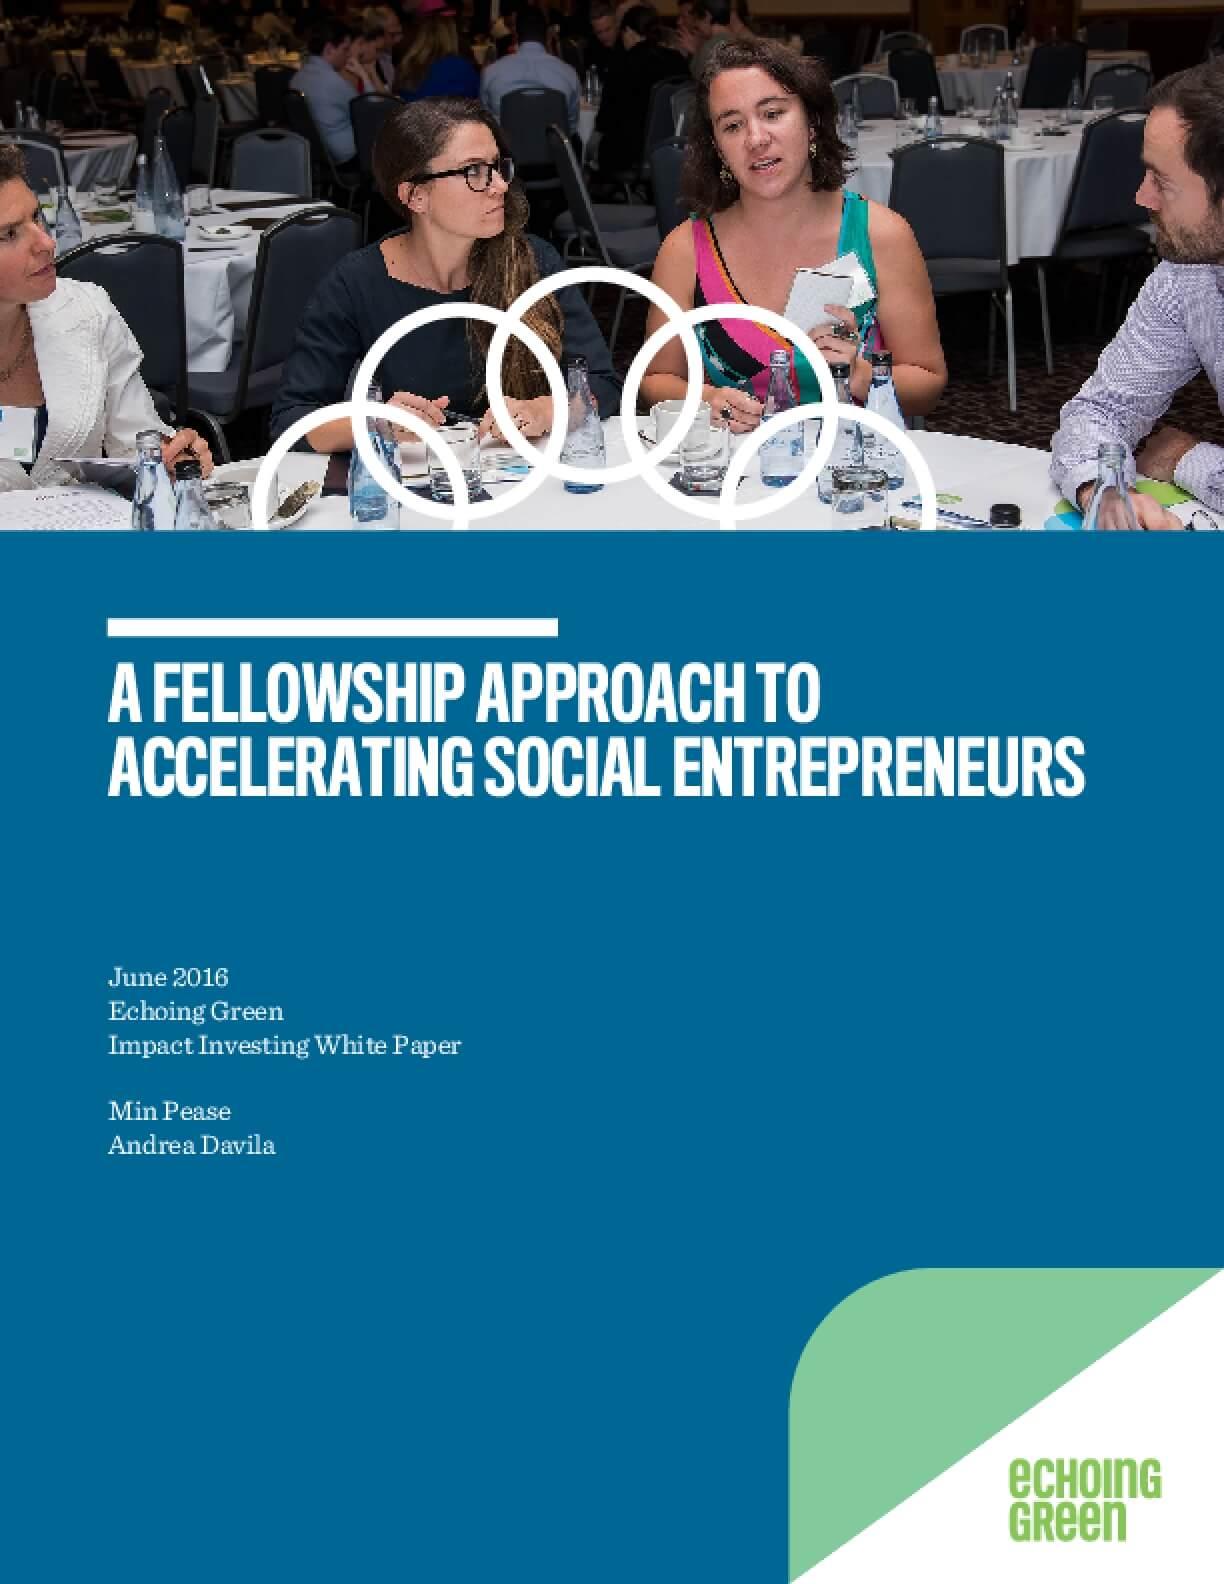 A Fellowship Approach to Accelerating Social Entrepreneurs